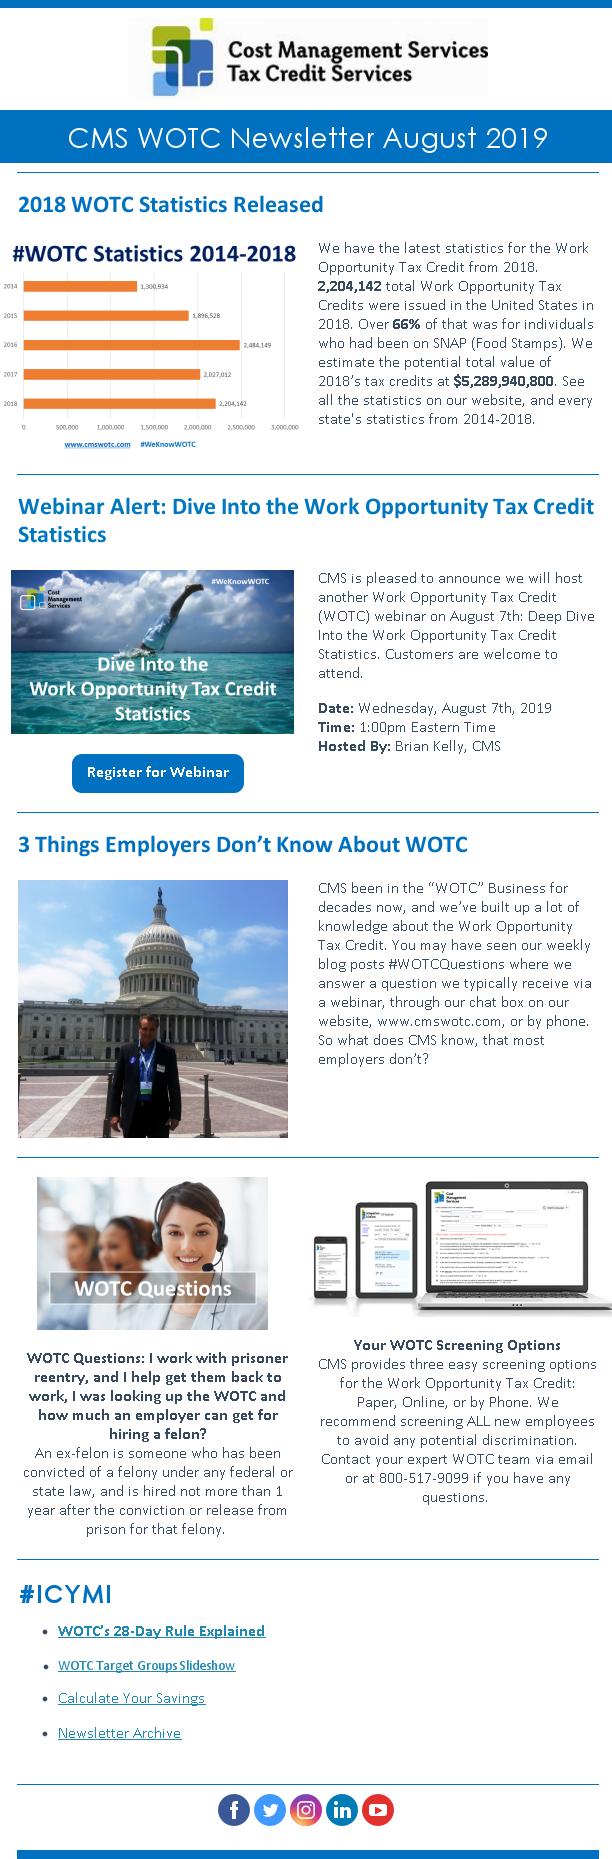 WOTC Customer Newsletter August 2019